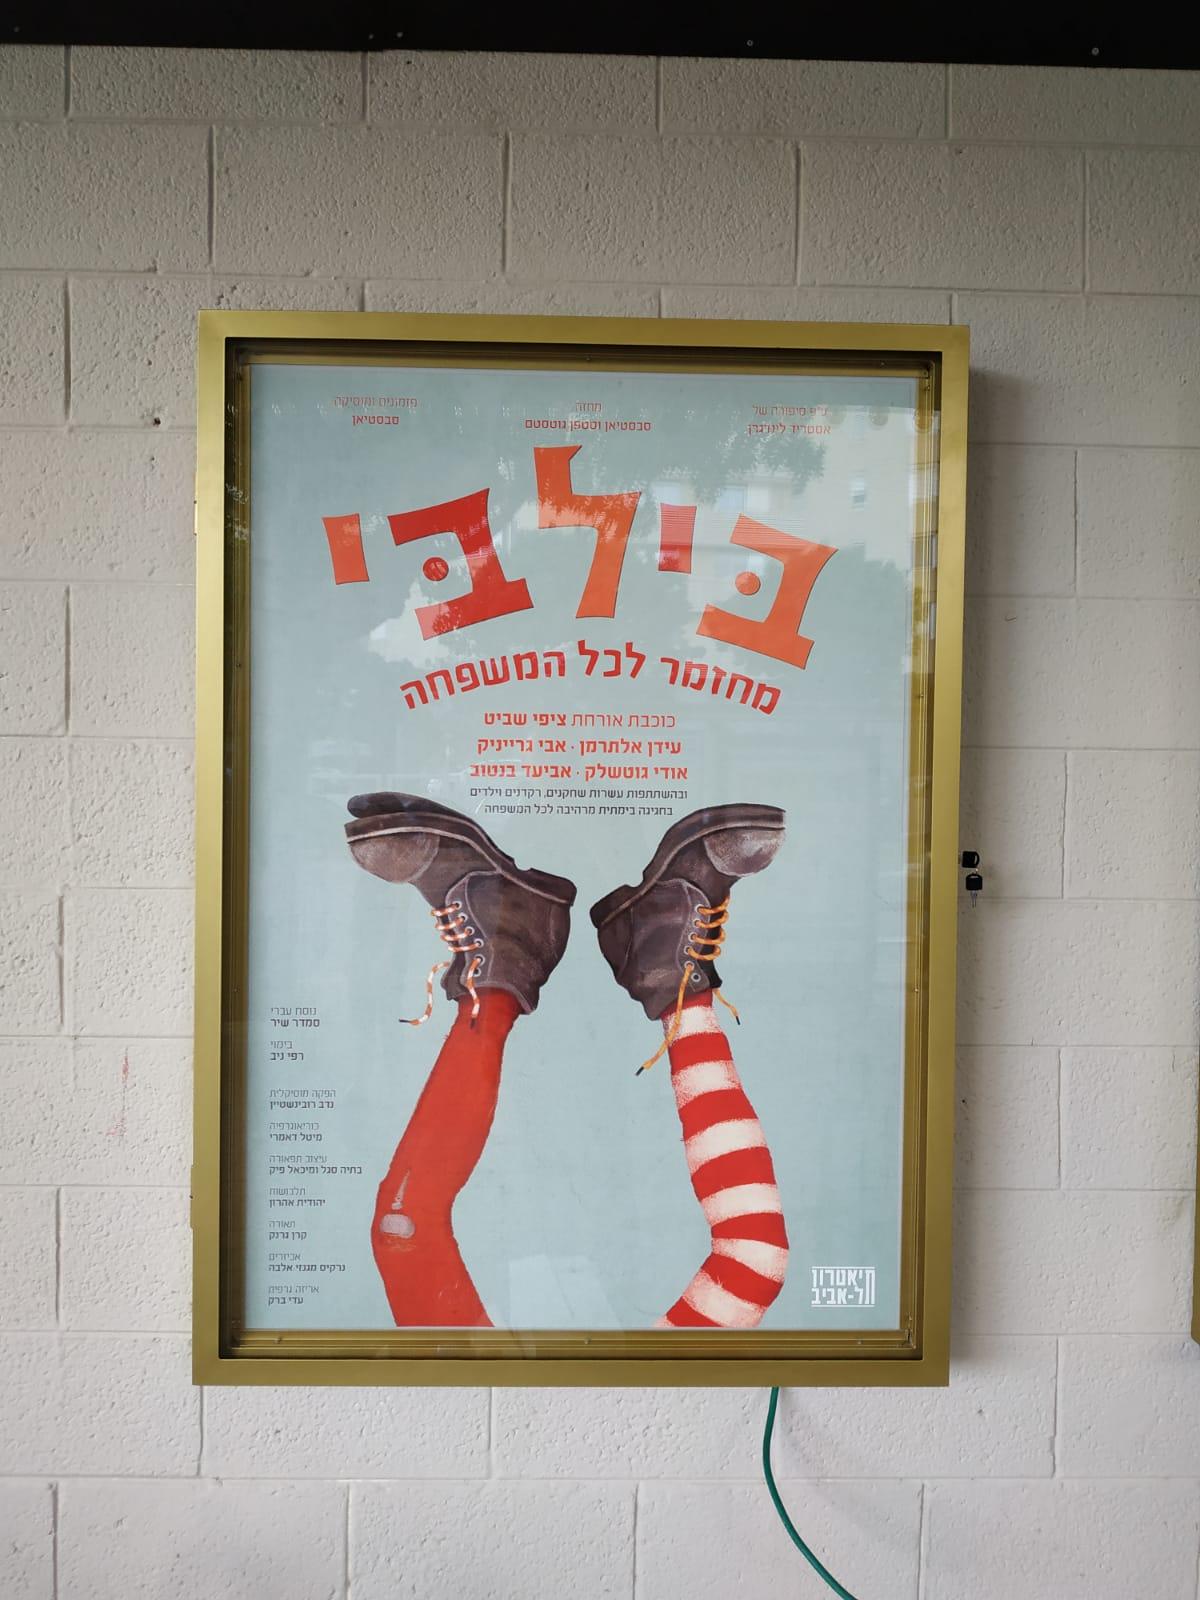 שלטי פרסום הצגות תאטרון